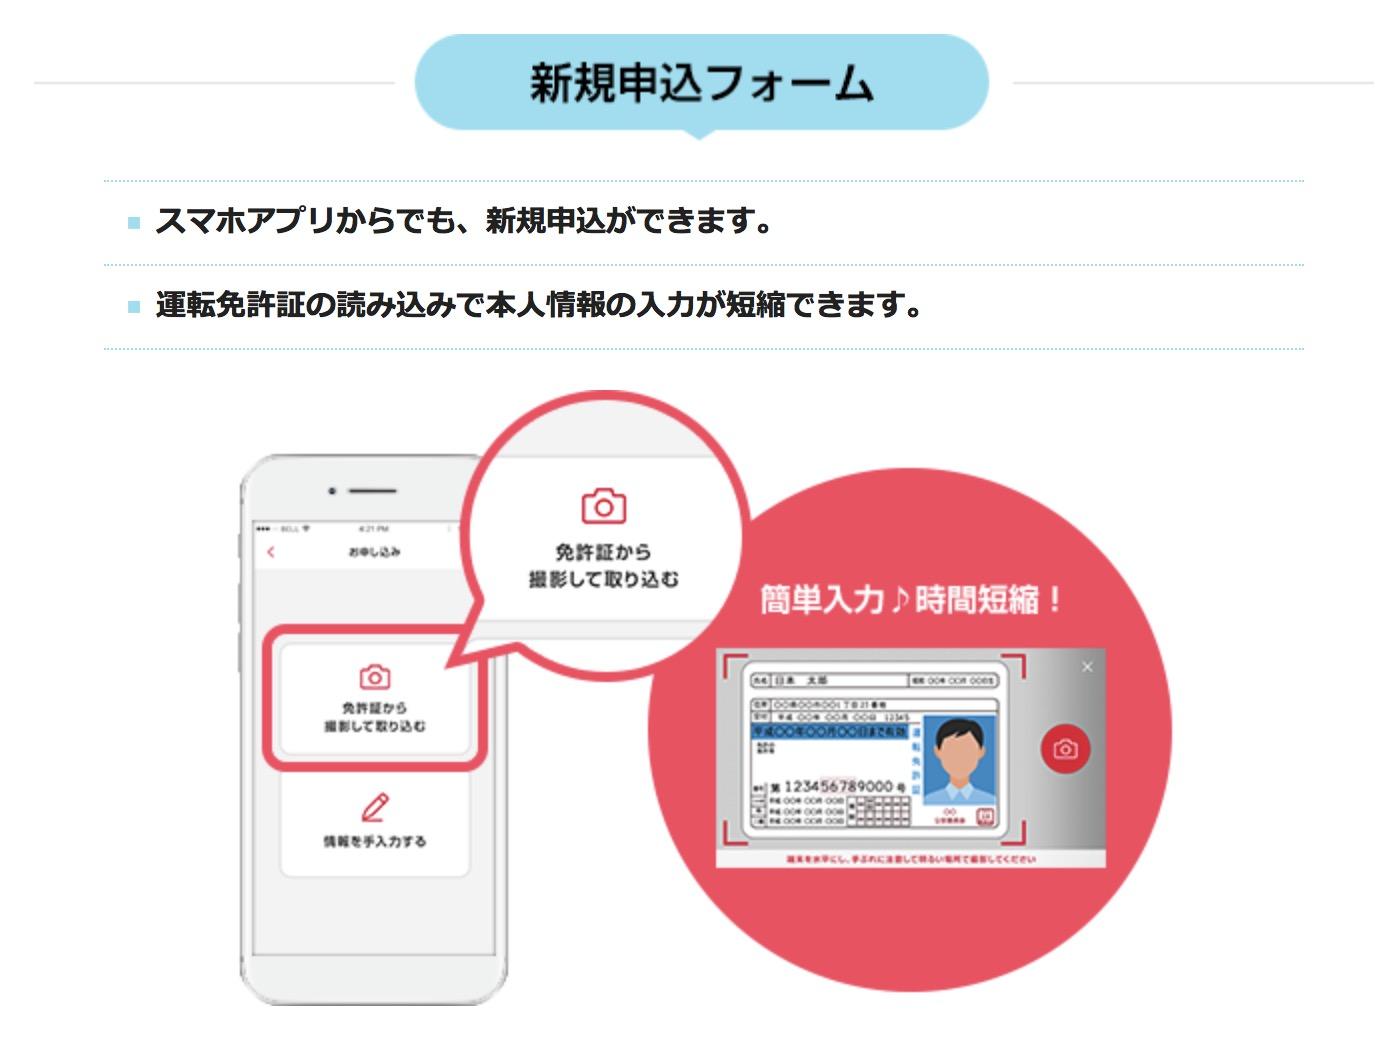 アイフルのスマートフォンアプリ